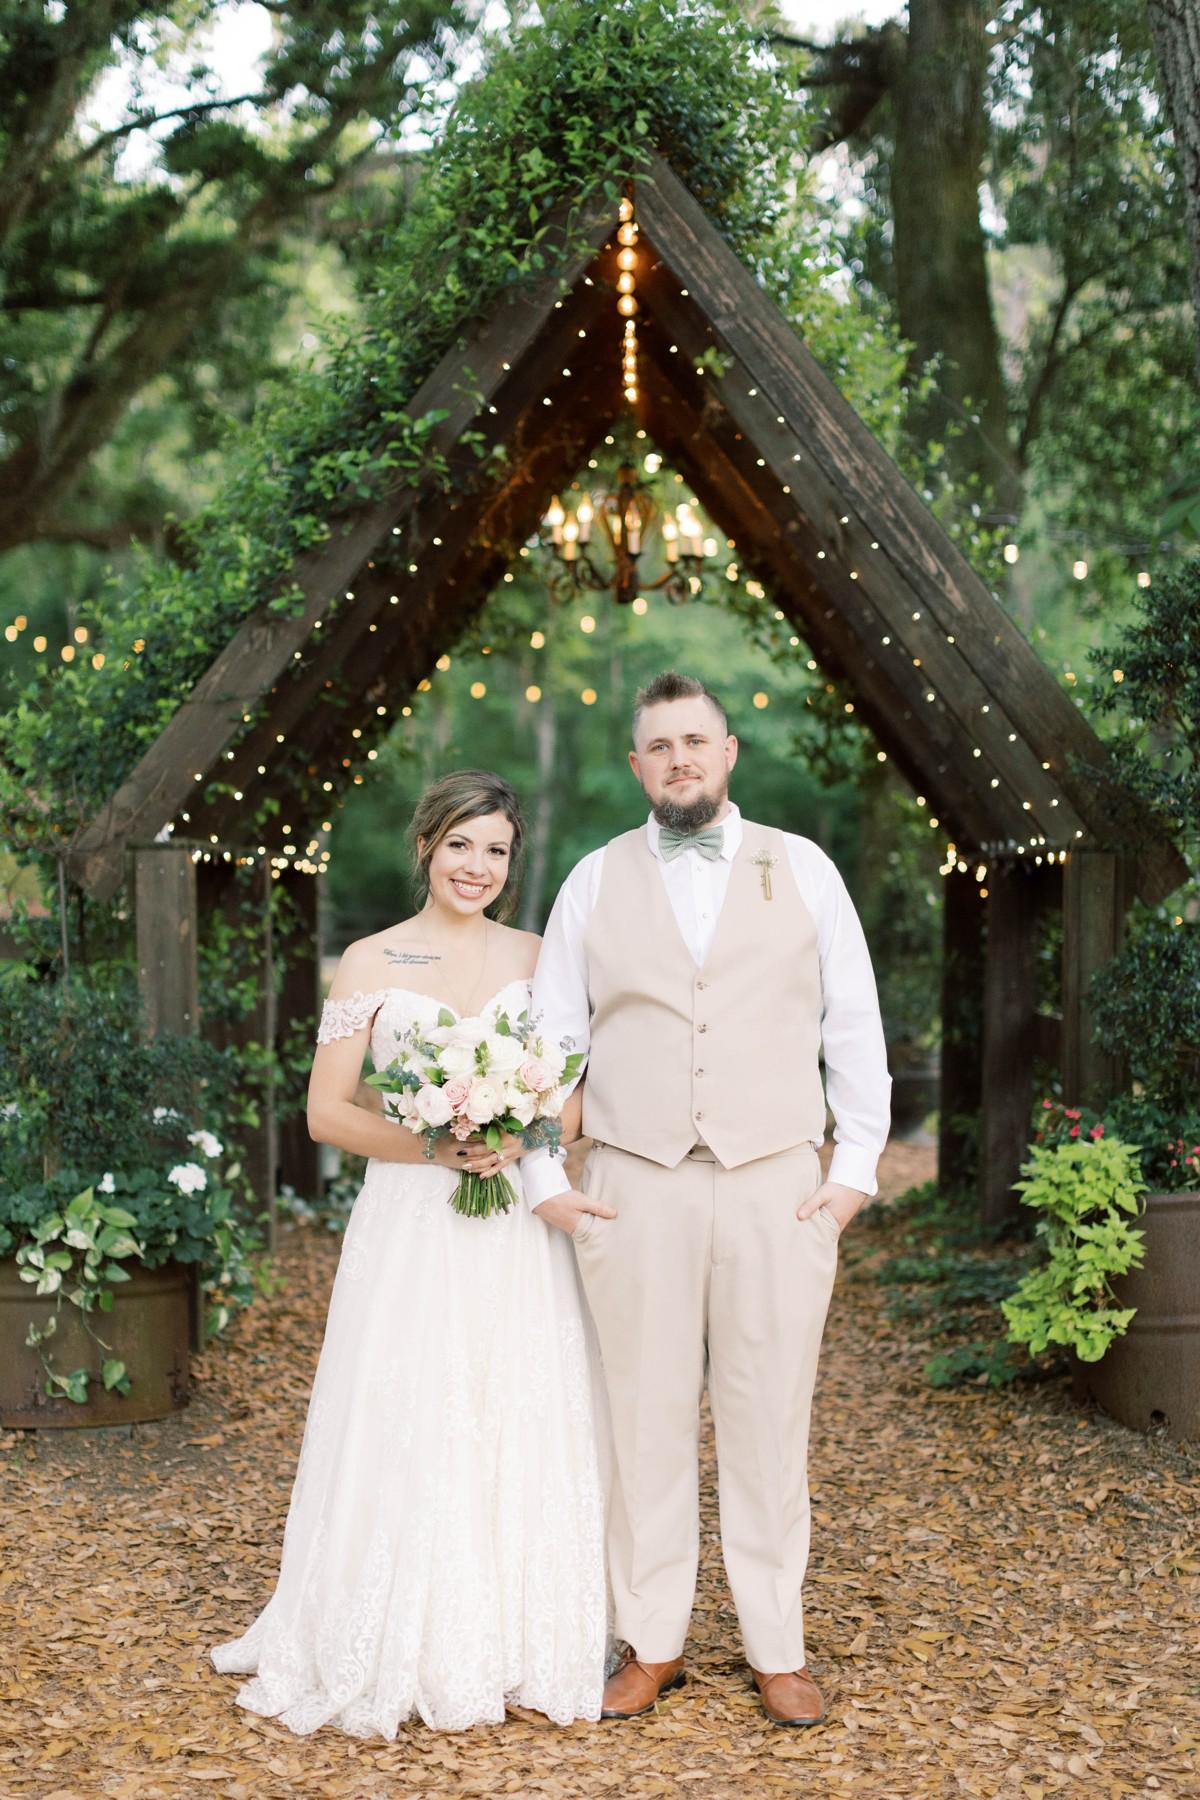 Bressler-Wedding-Preview-Tuckers-Farmhouse-Jacksonville-Wedding-Photographer-Chantell-Rae054.jpg